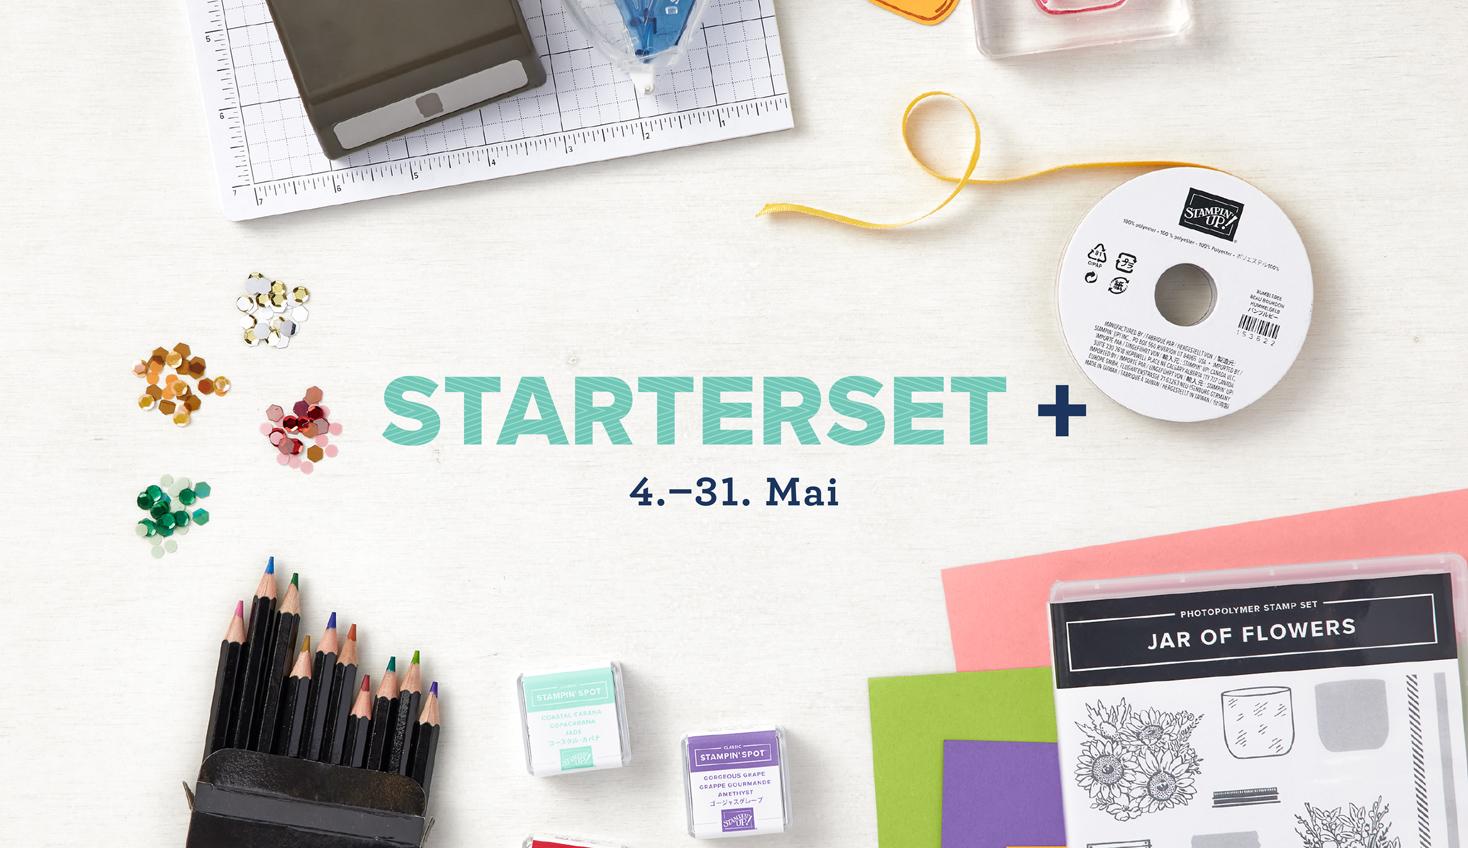 Starterset +mit Stampin' Up!